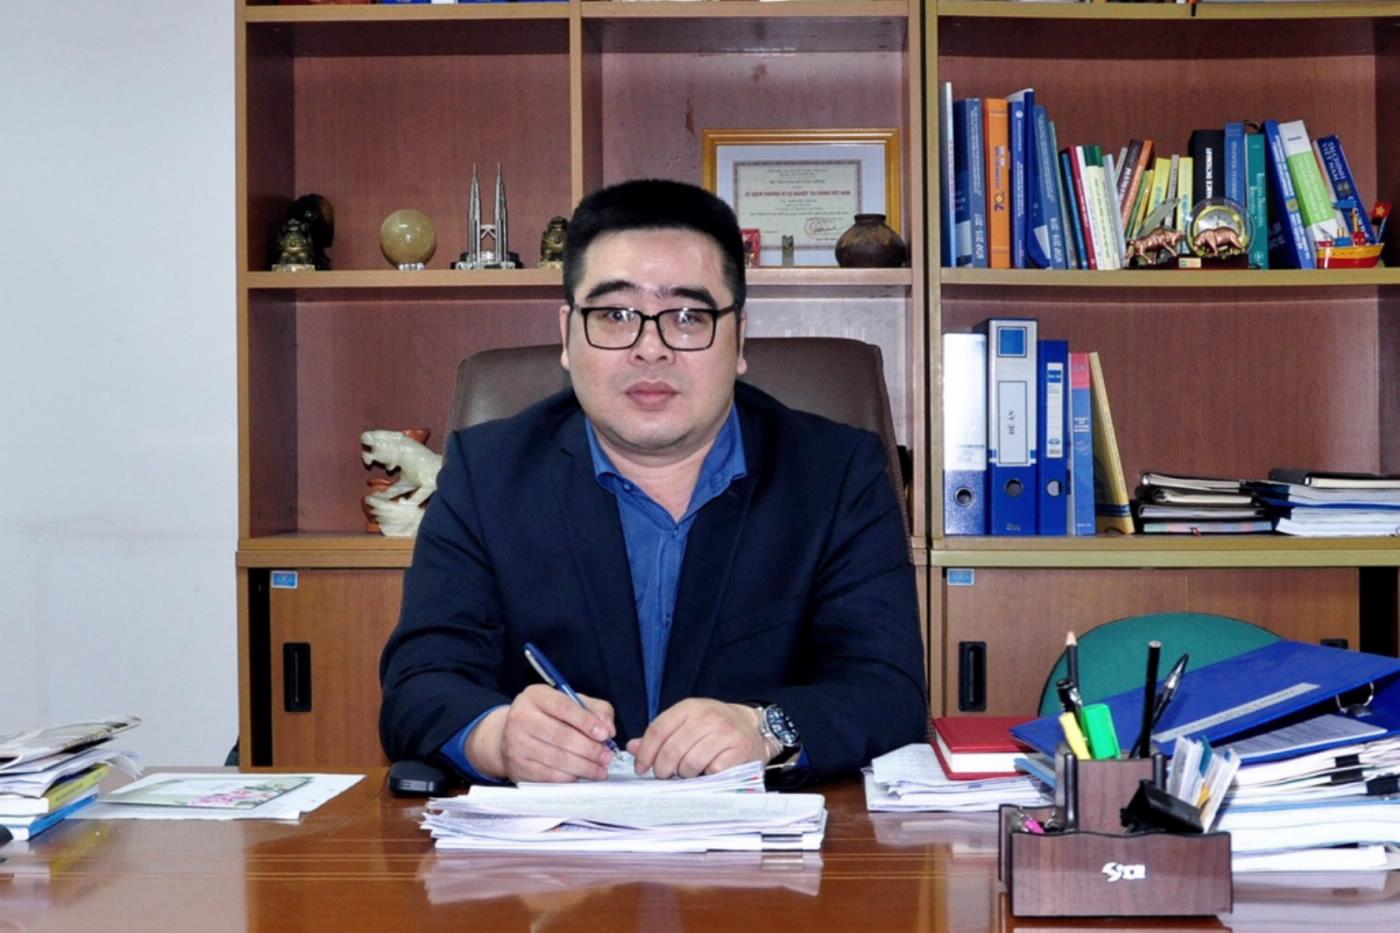 Thị trường bảo hiểm Việt Nam: Kênh dẫn vốn quan trọng của nền kinh tế